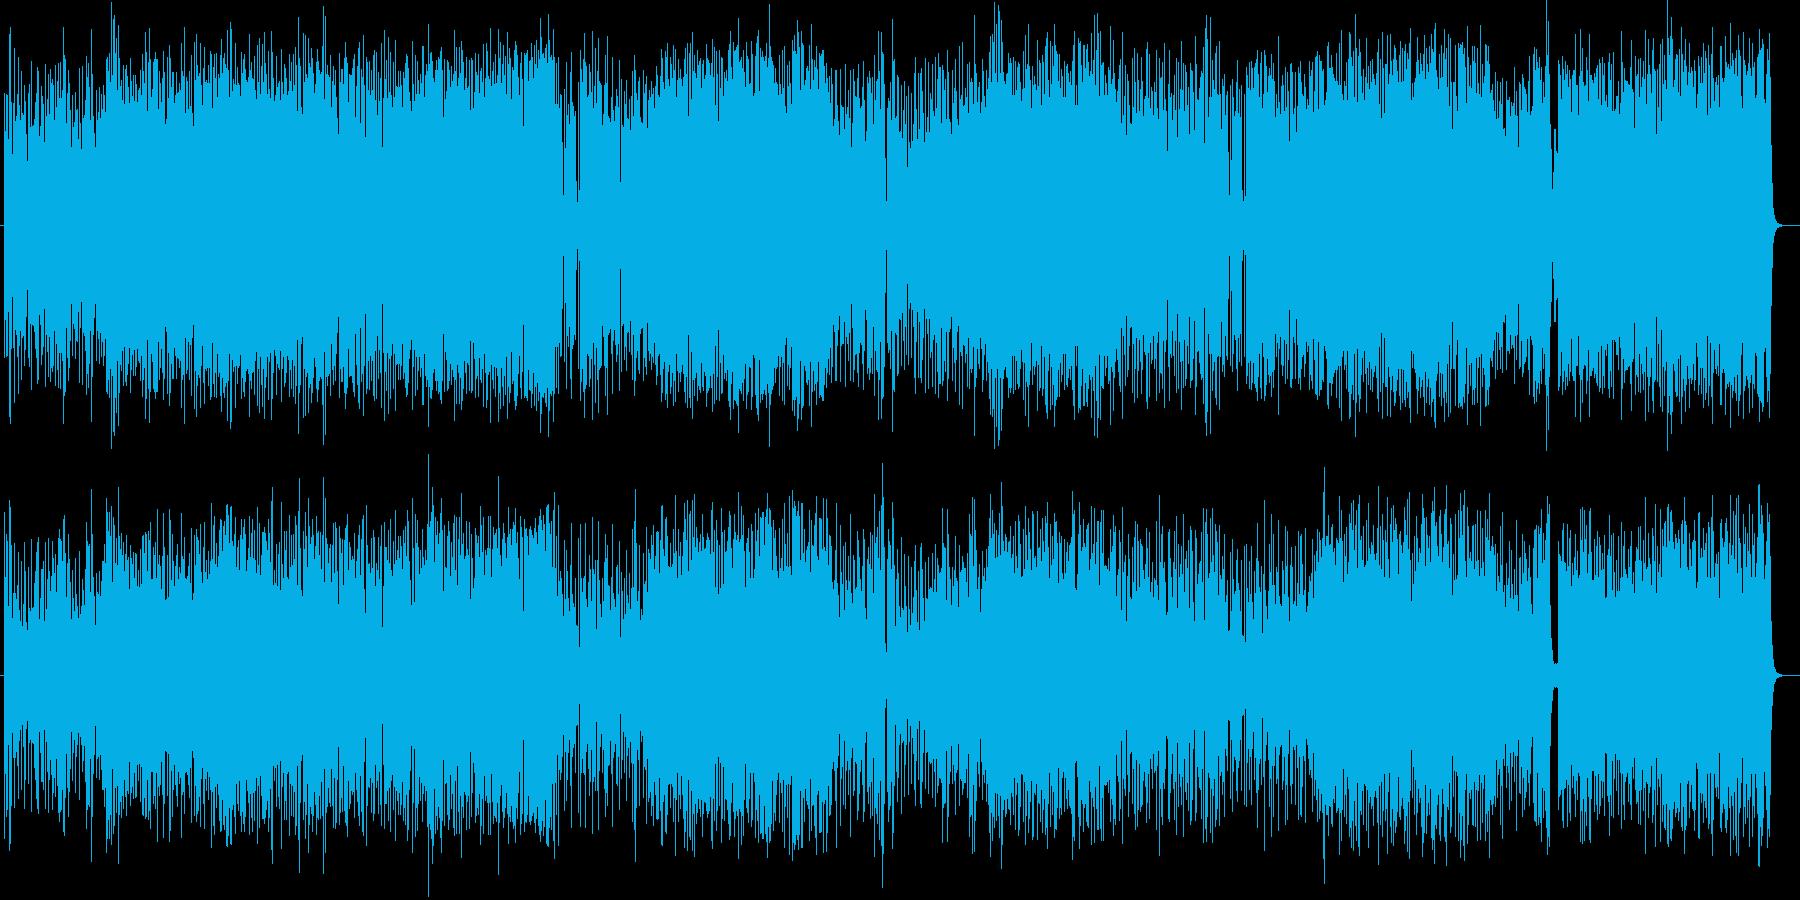 明るく元気な管楽器メインのポップスの再生済みの波形